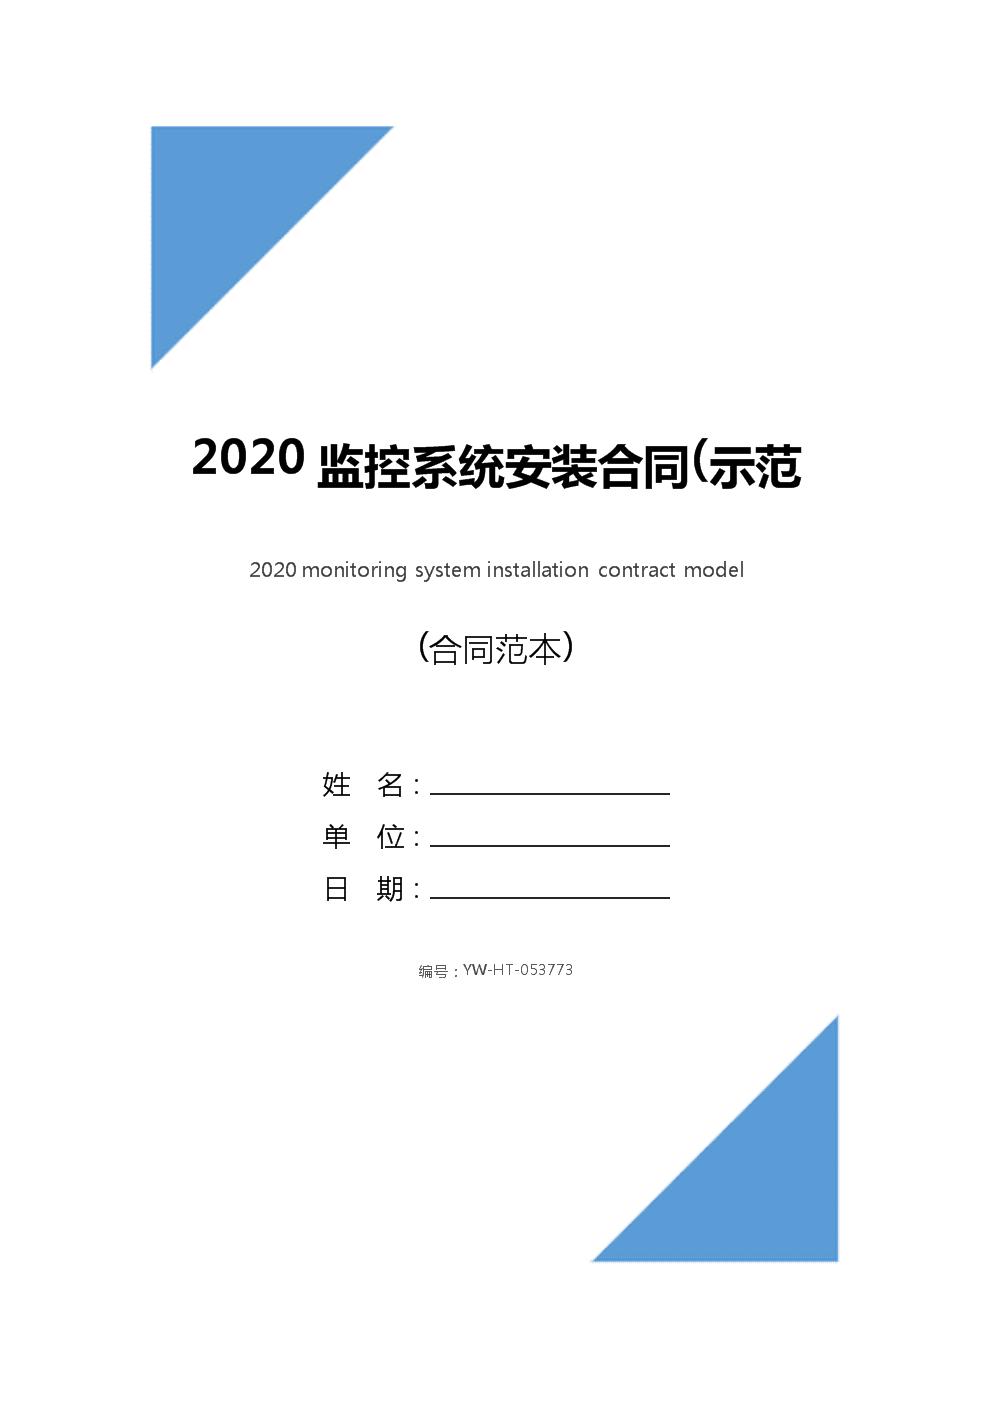 2020监控系统安装合同(示范合同).docx